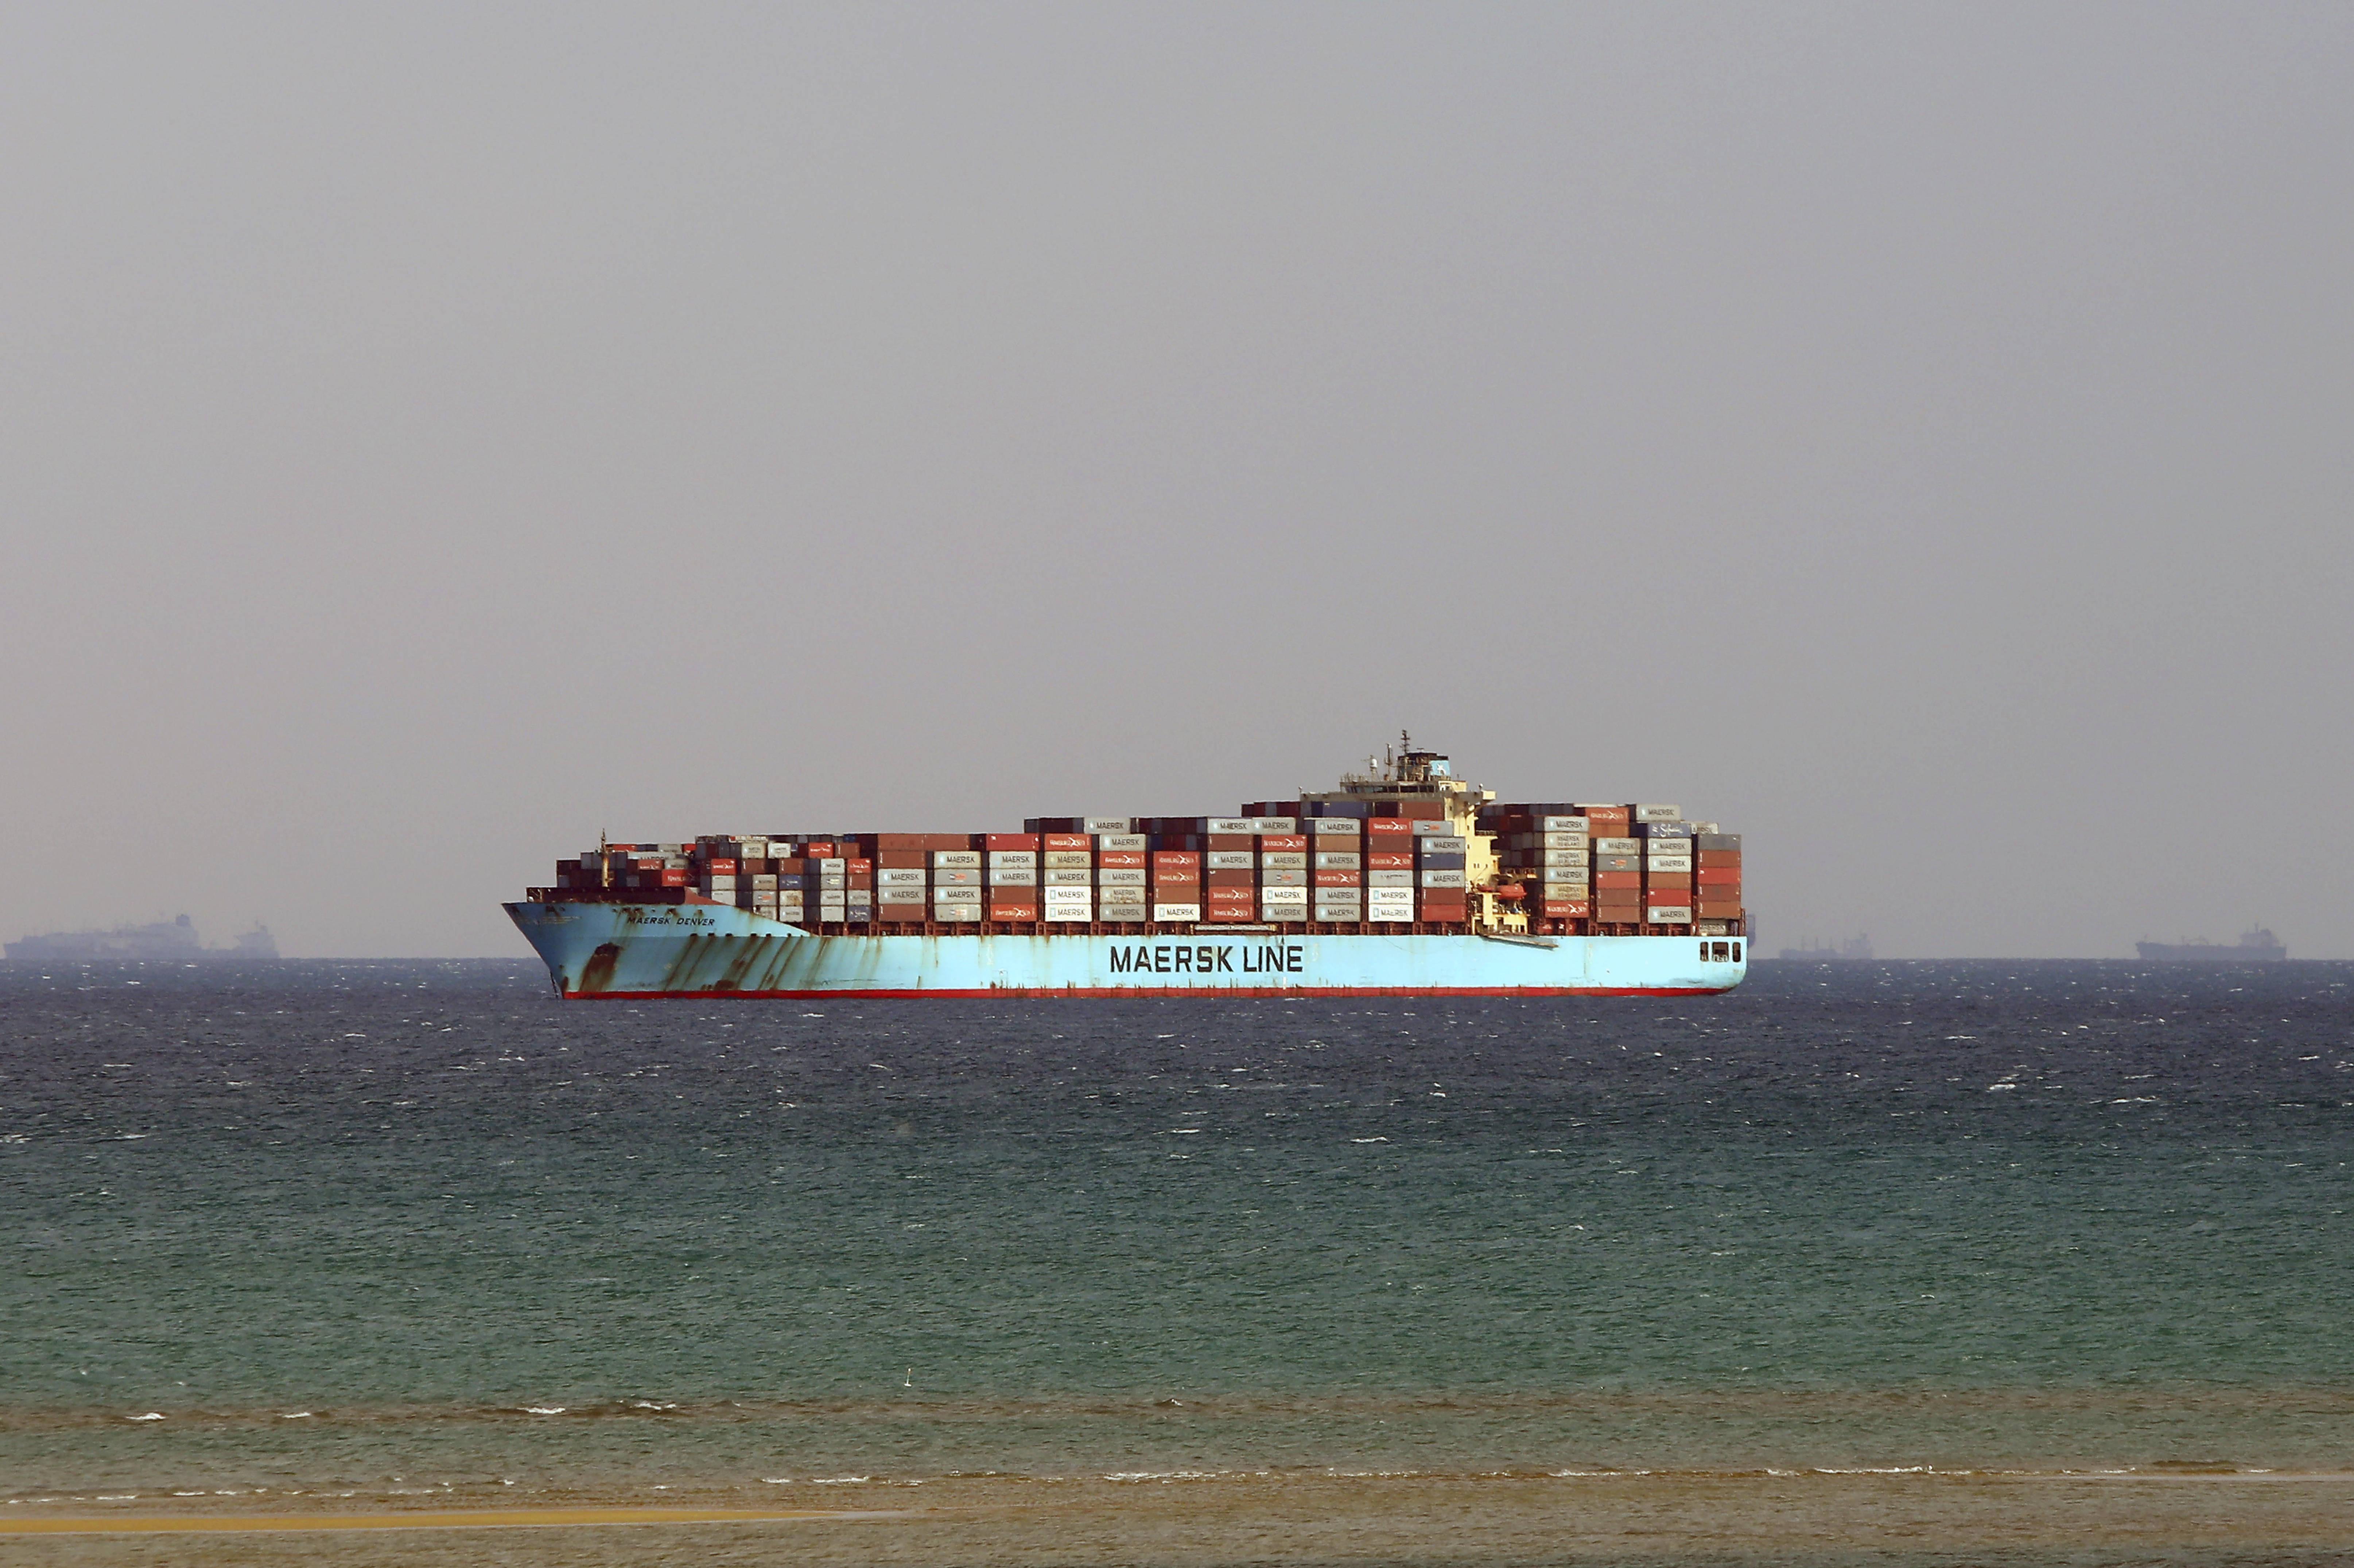 苏伊士运河堵塞危机持续 国际航运市场添新忧